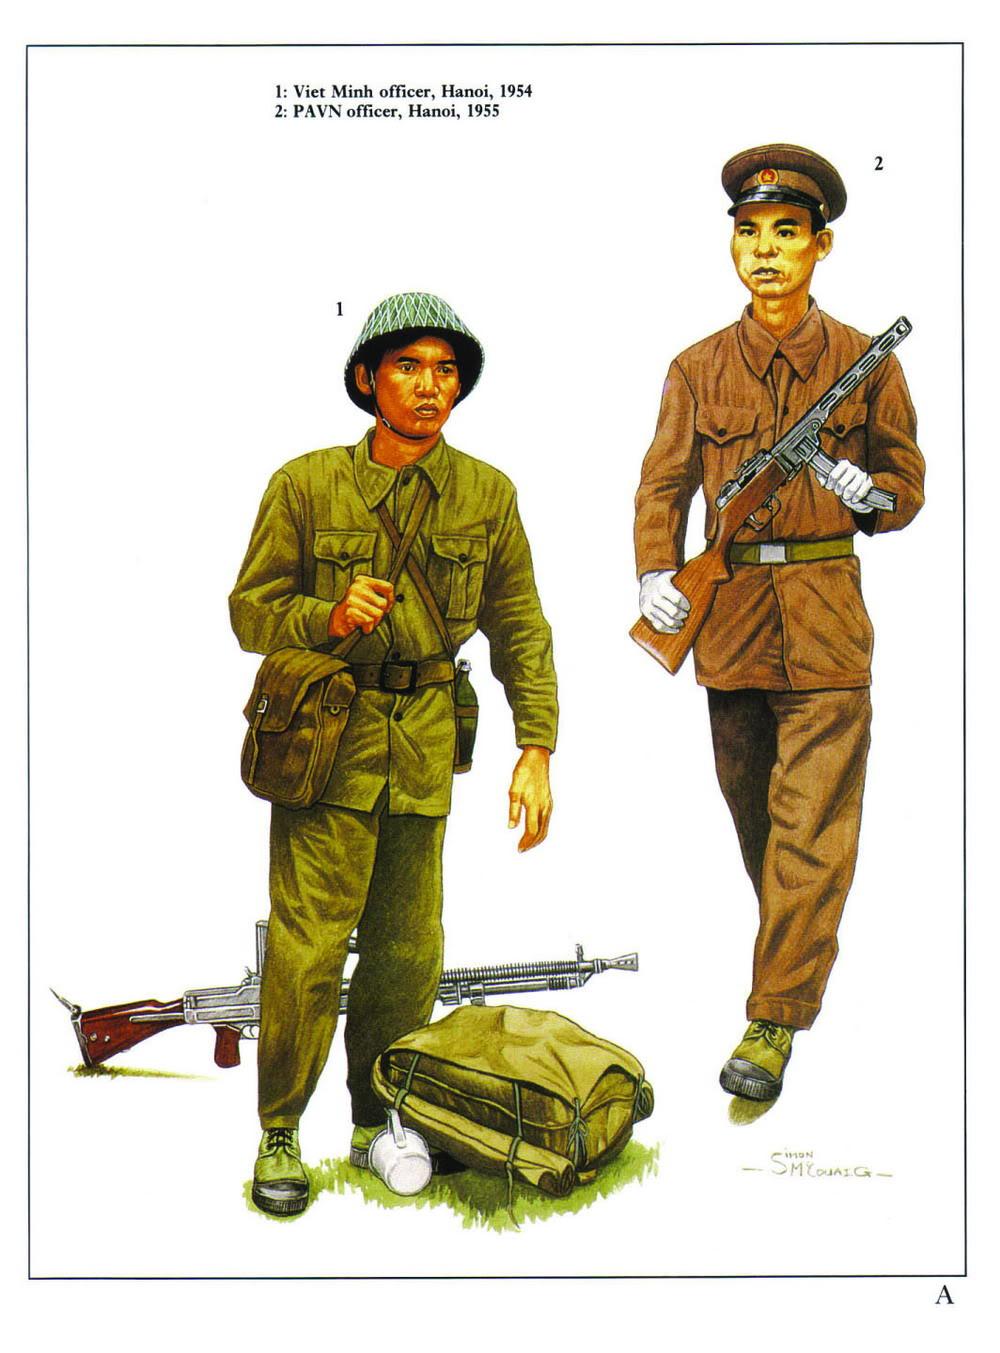 1 - Sĩ quan Việt Minh ở Hà Nội năm 1954. 2 - Sĩ quan